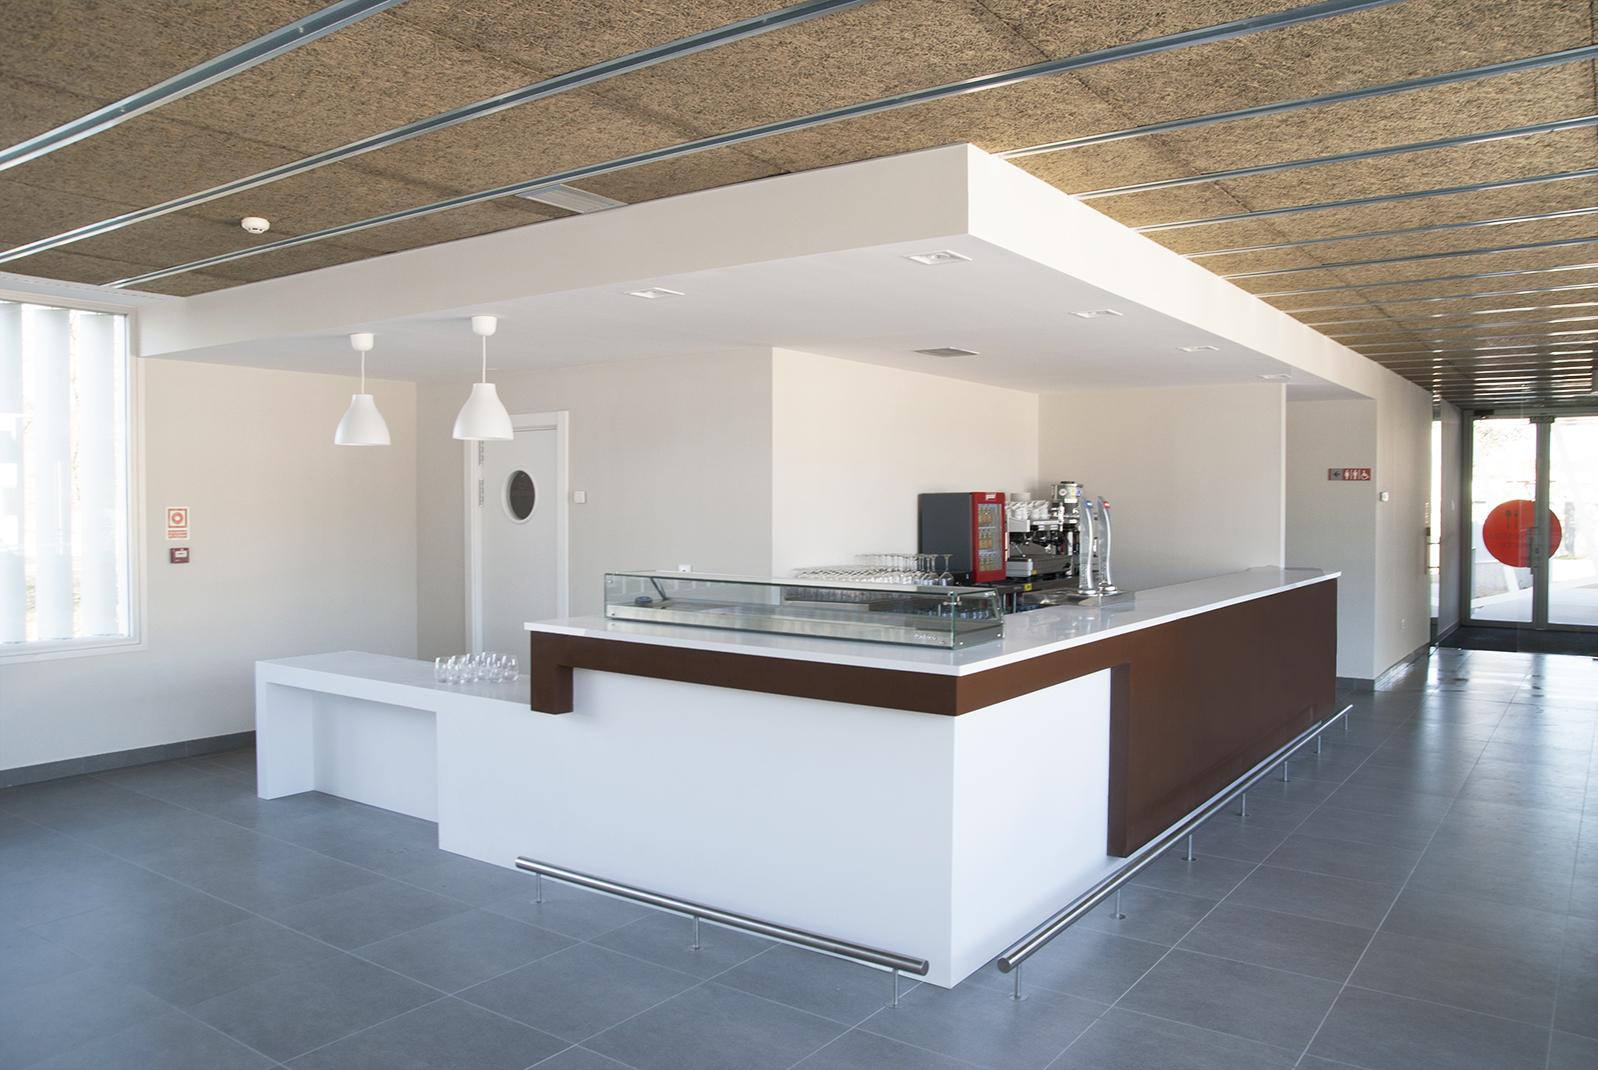 Barra para cafetería en  Club de tenis La Raqueta . Valladolid, 2015